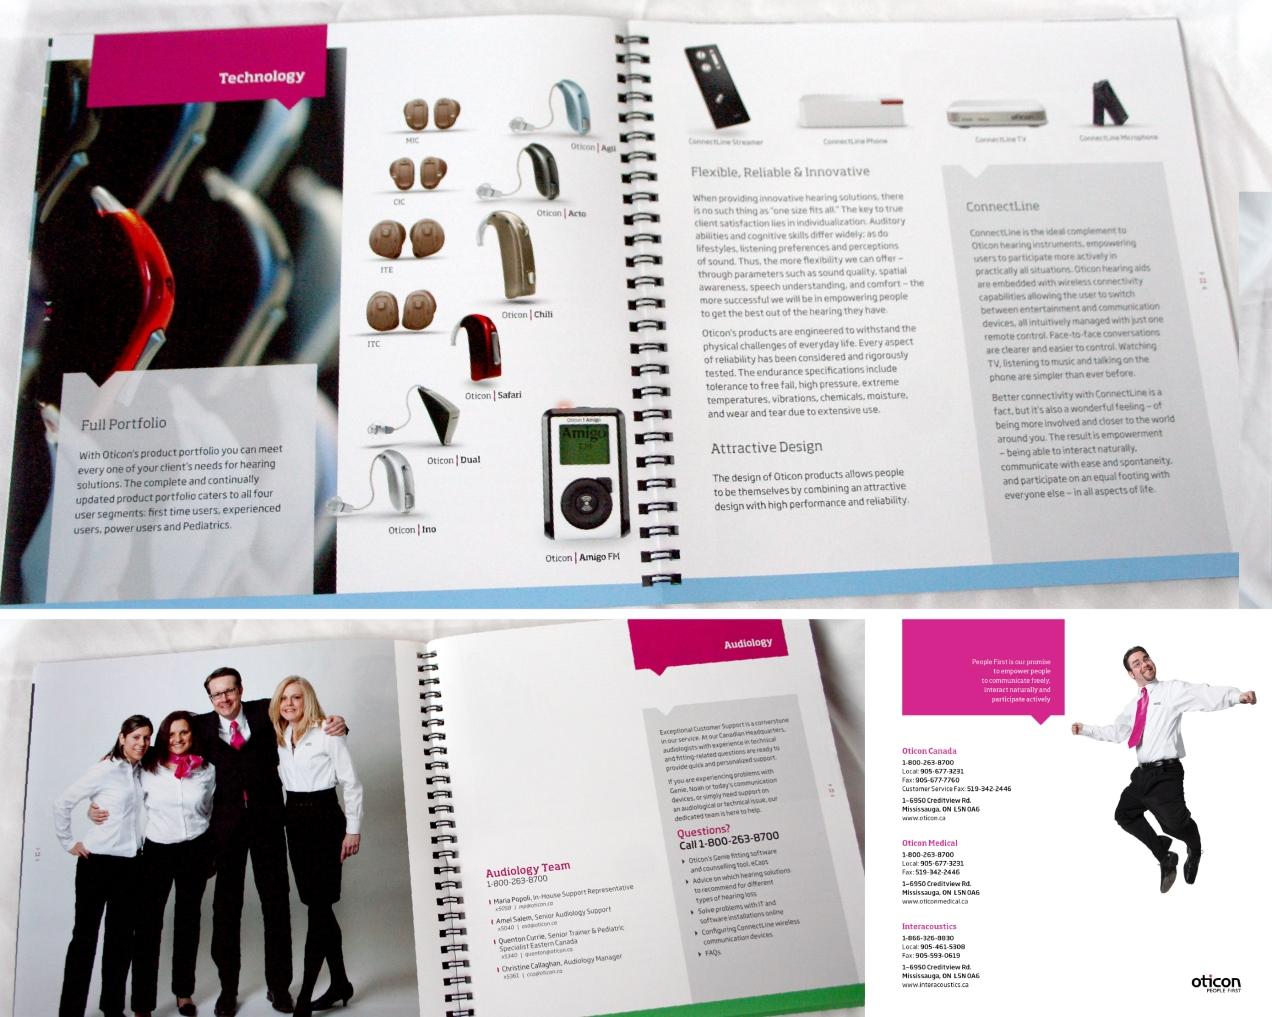 Graphic design, art direction, copy writing - Dan Soelberg